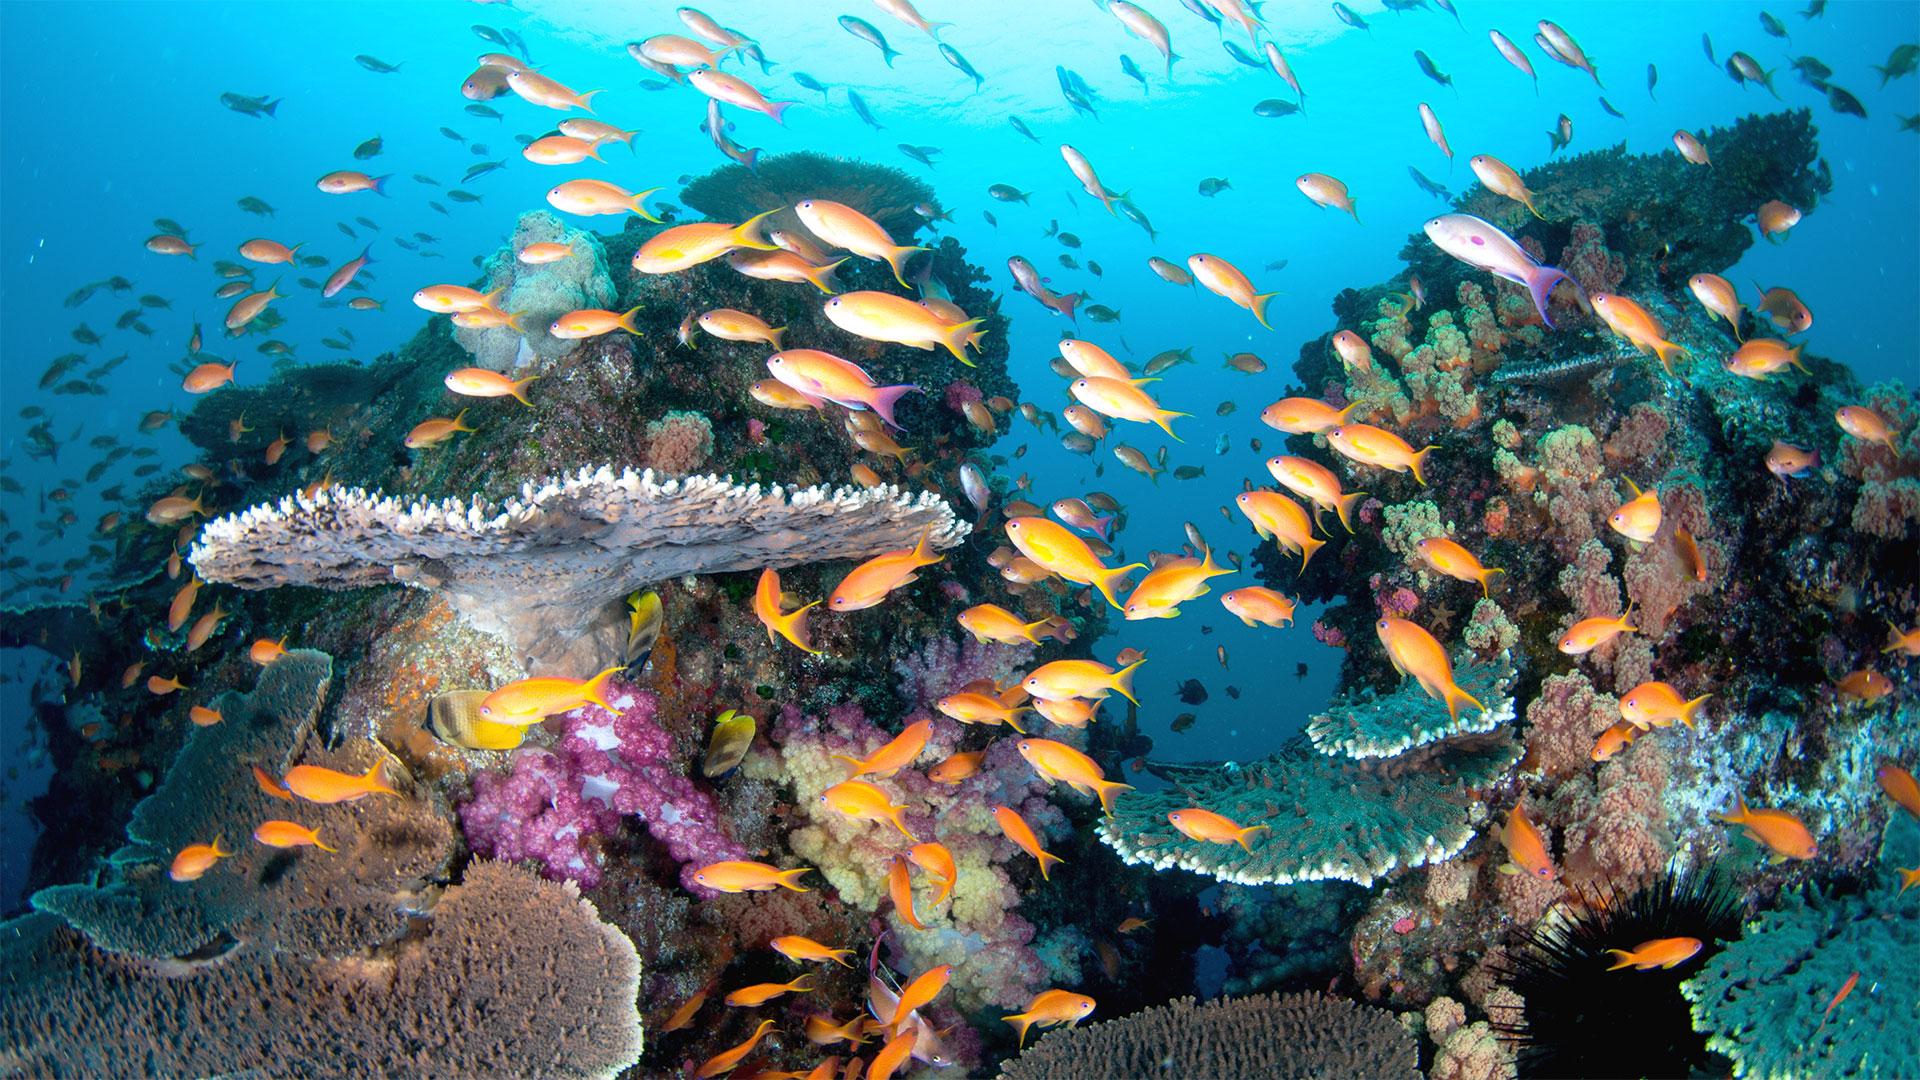 ダイビング水中写真:沖ノ島キンギョハナダイ